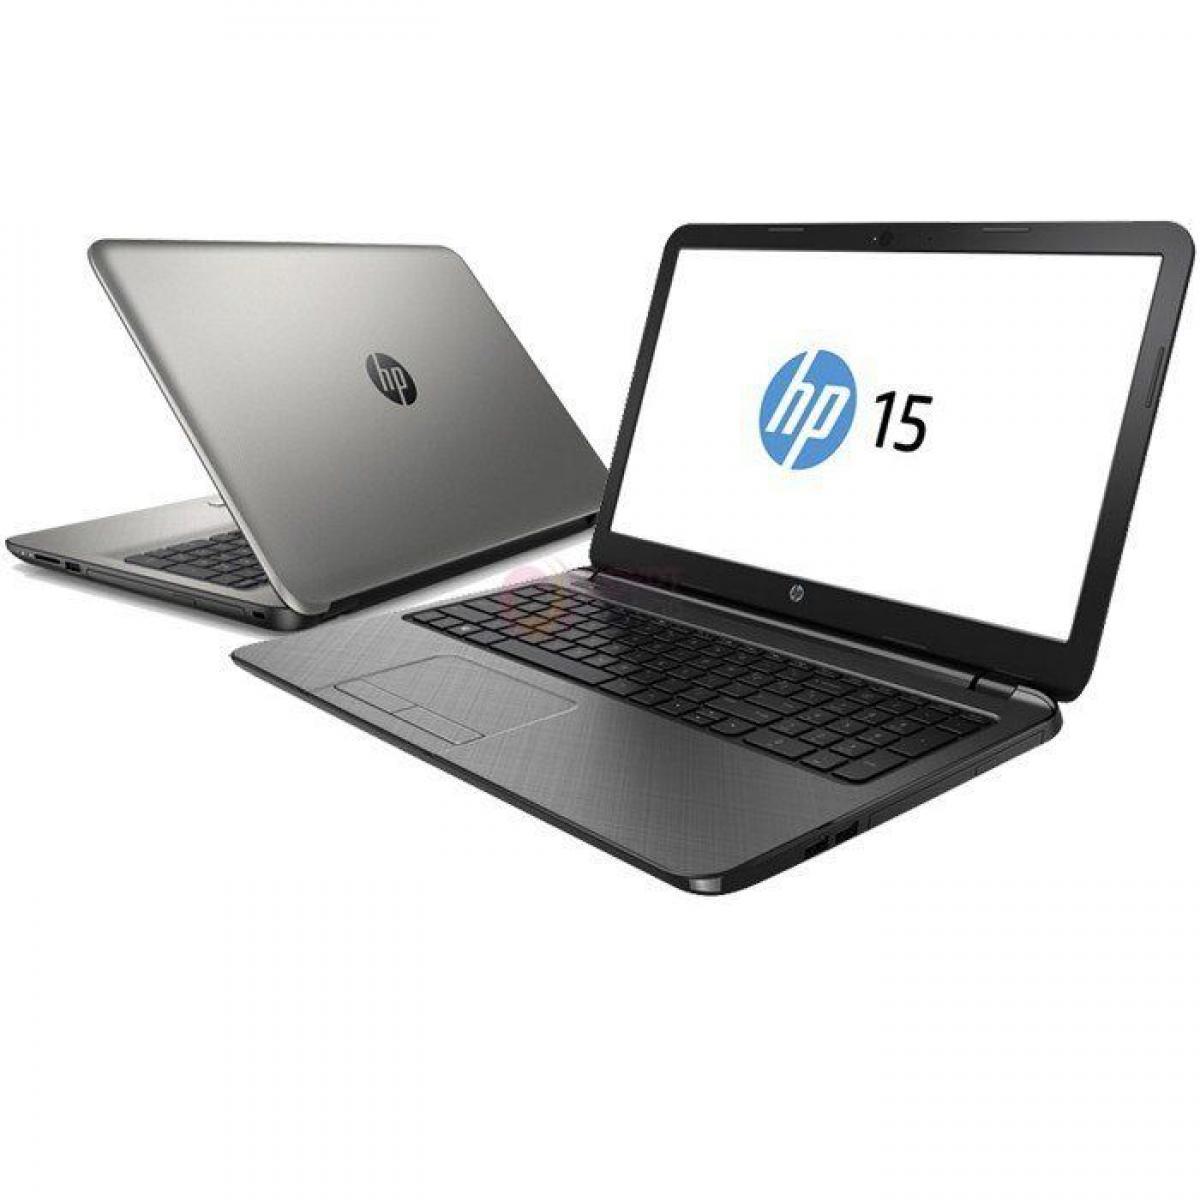 HP Notebook - 15-AY112NE-Core i7 | GTS - Amman Jordan | GTS - Amman